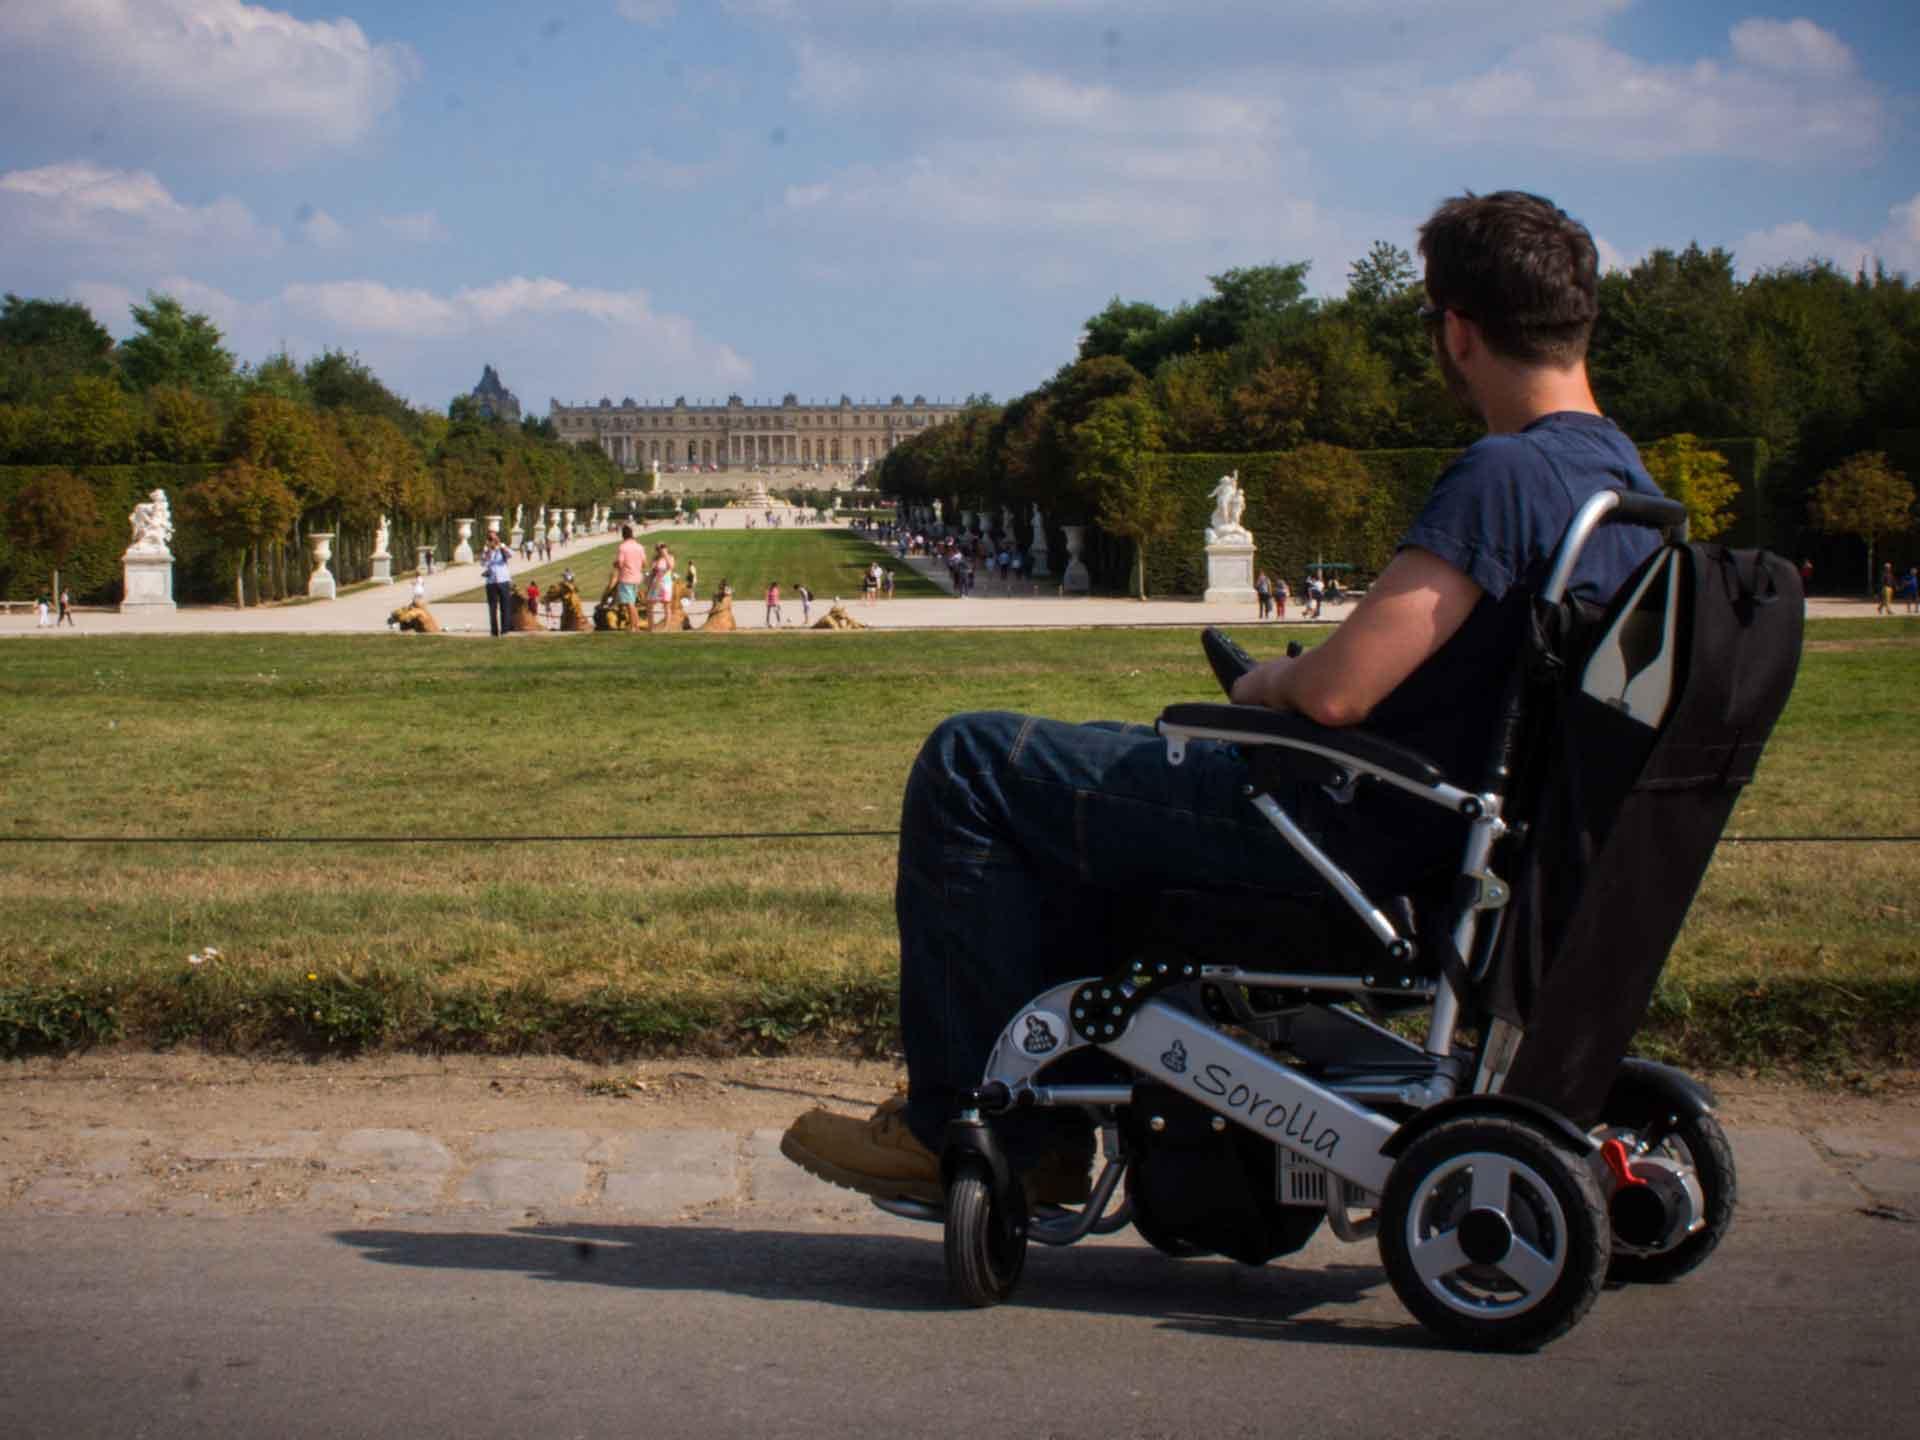 Location de fauteuil électrique pour handicapé - Idéal pour tourisme et visite